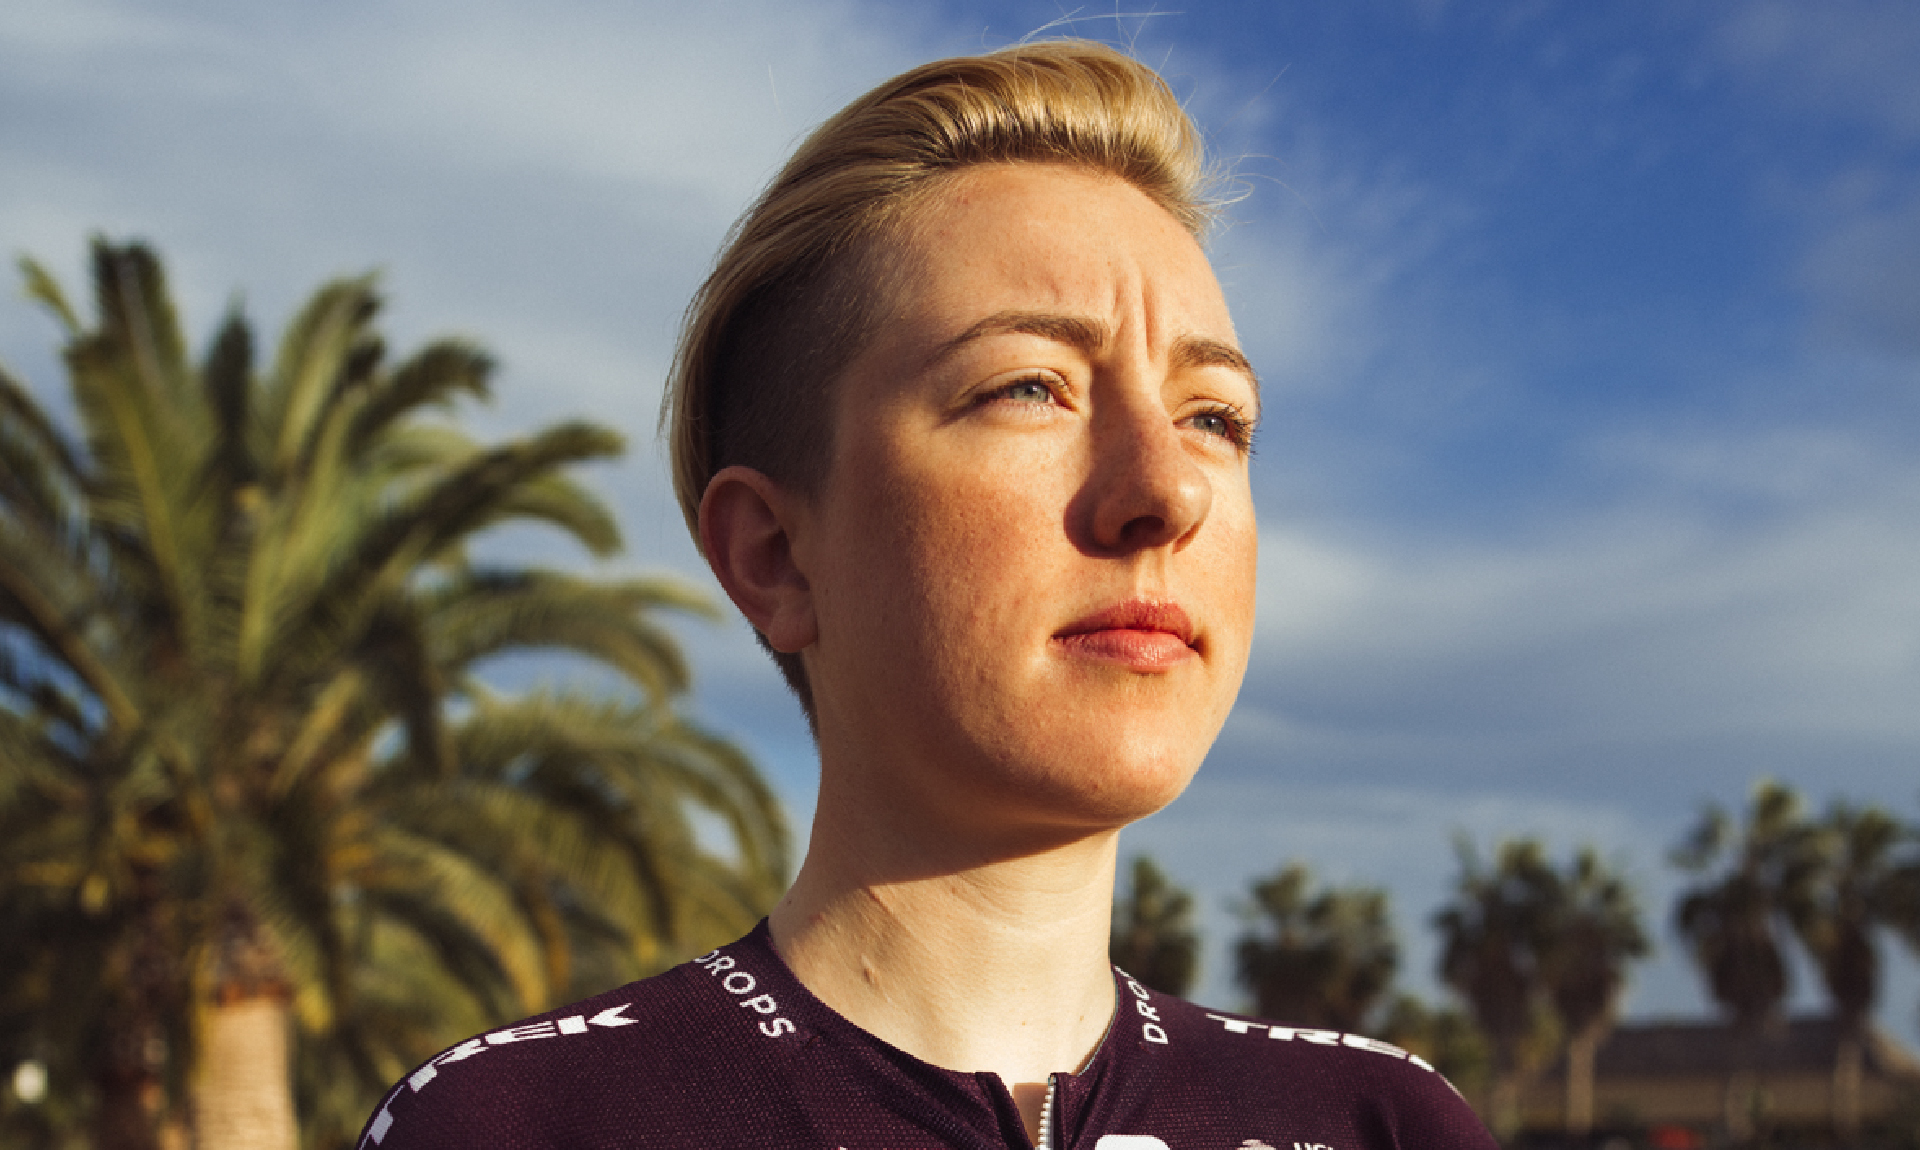 Molly-weaver-trek-drops-rider-news-story.jpg